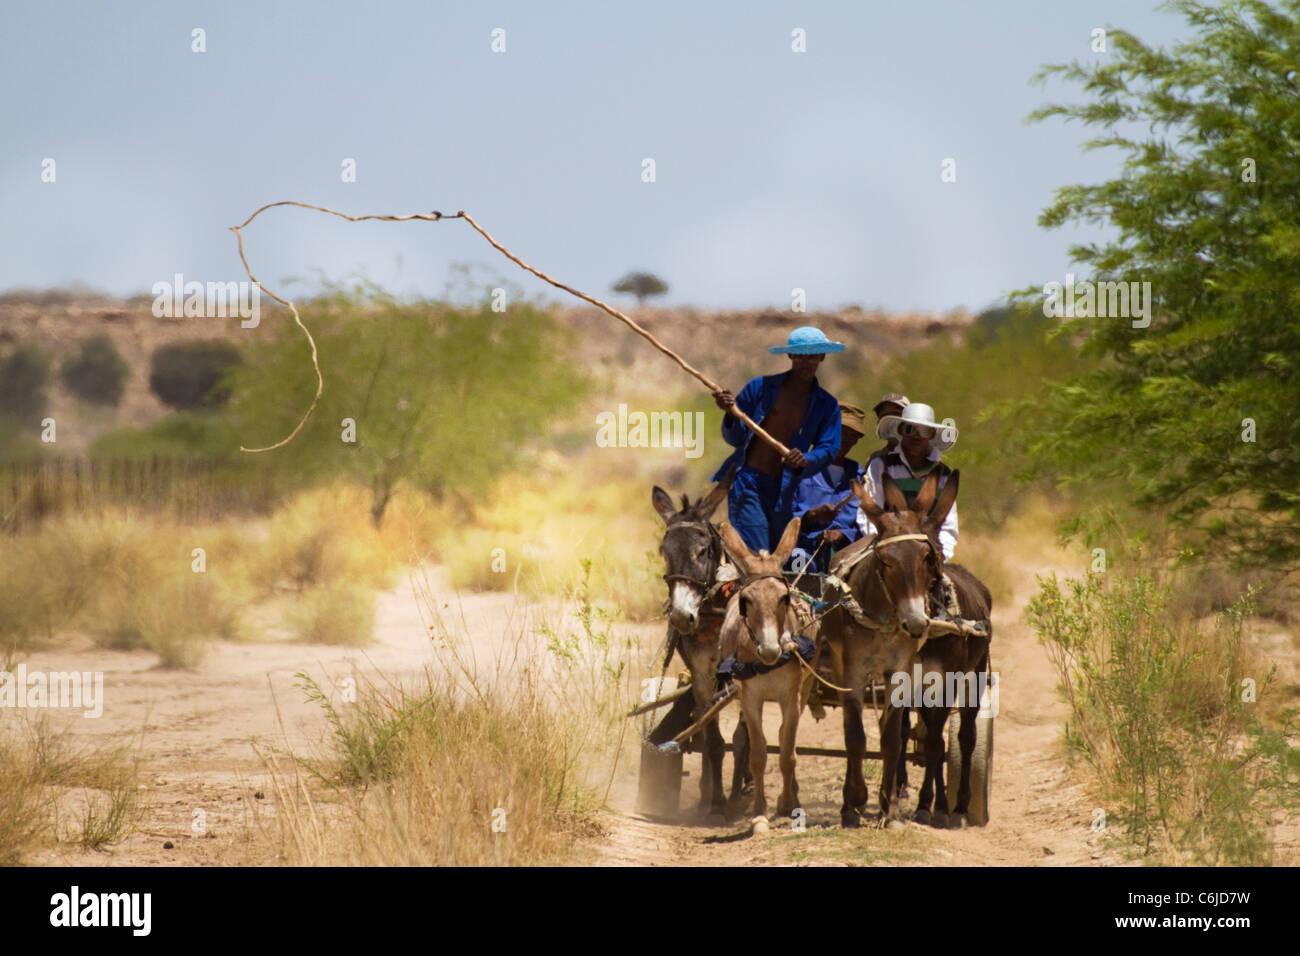 Donkey cart nel Kalahari con un uomo armato con una frusta per sollecitare gli asini in avanti Immagini Stock